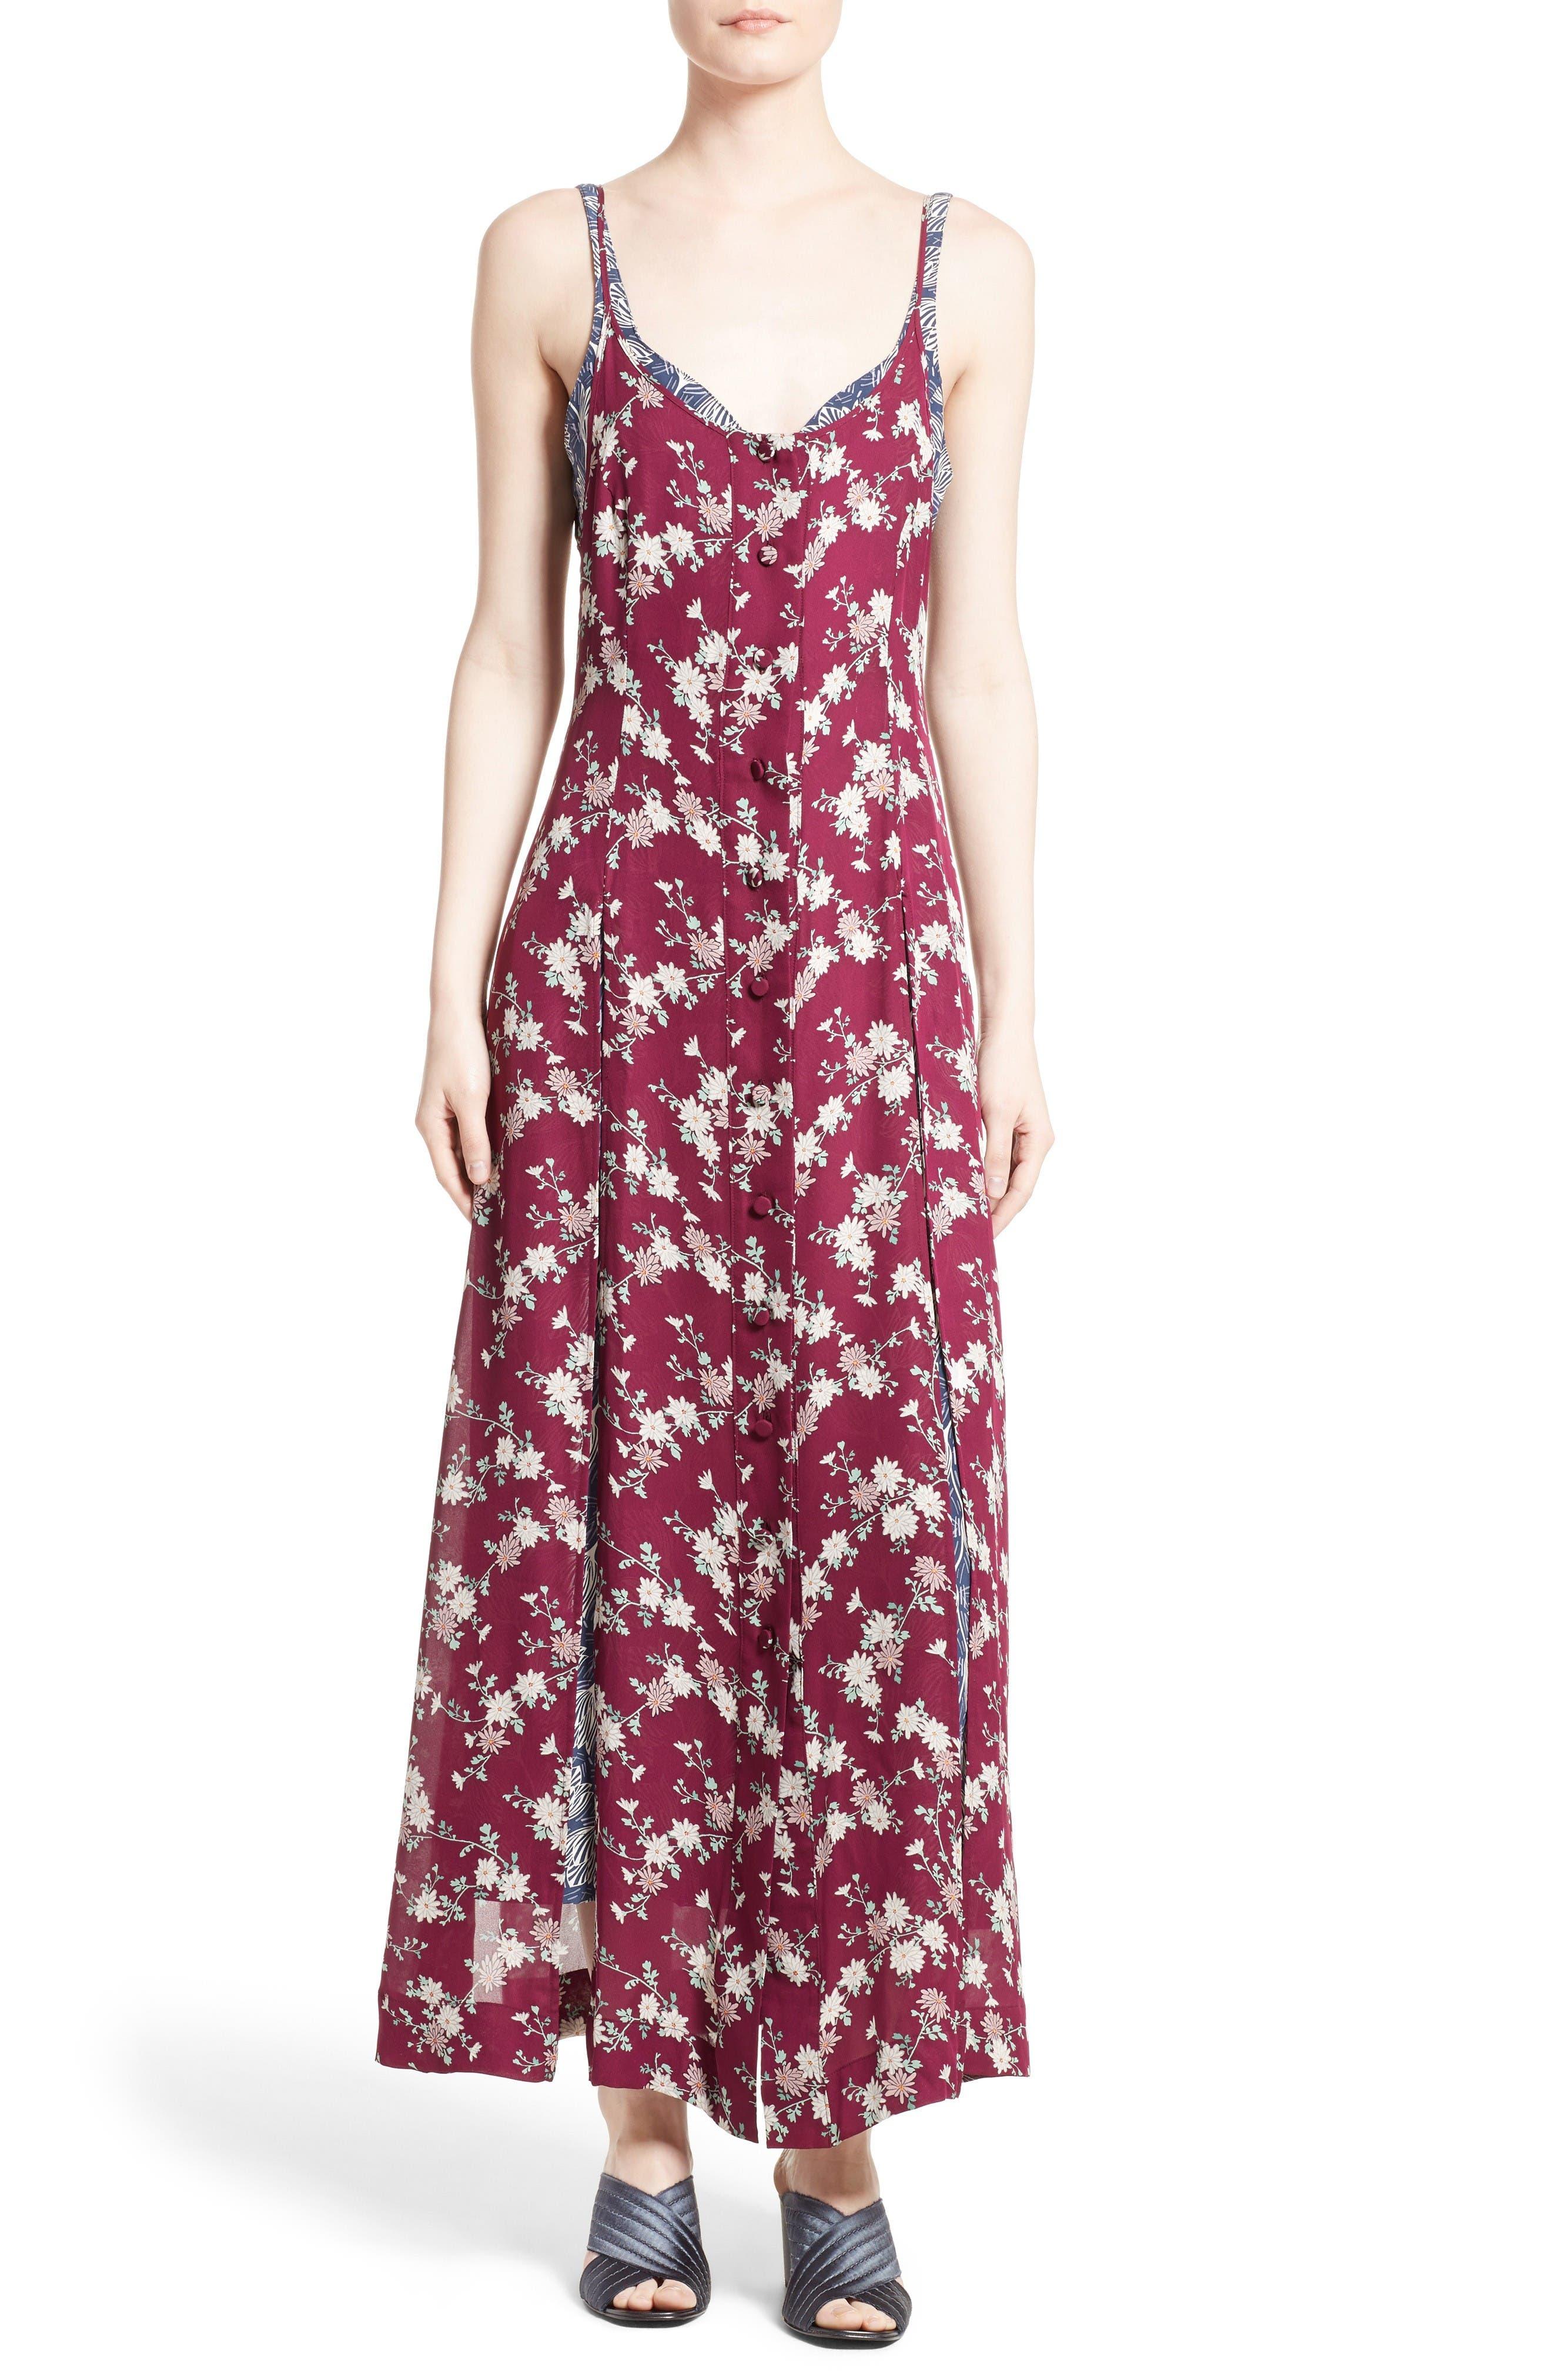 Cinq à Sept Nathalia Floral Print Maxi Dress